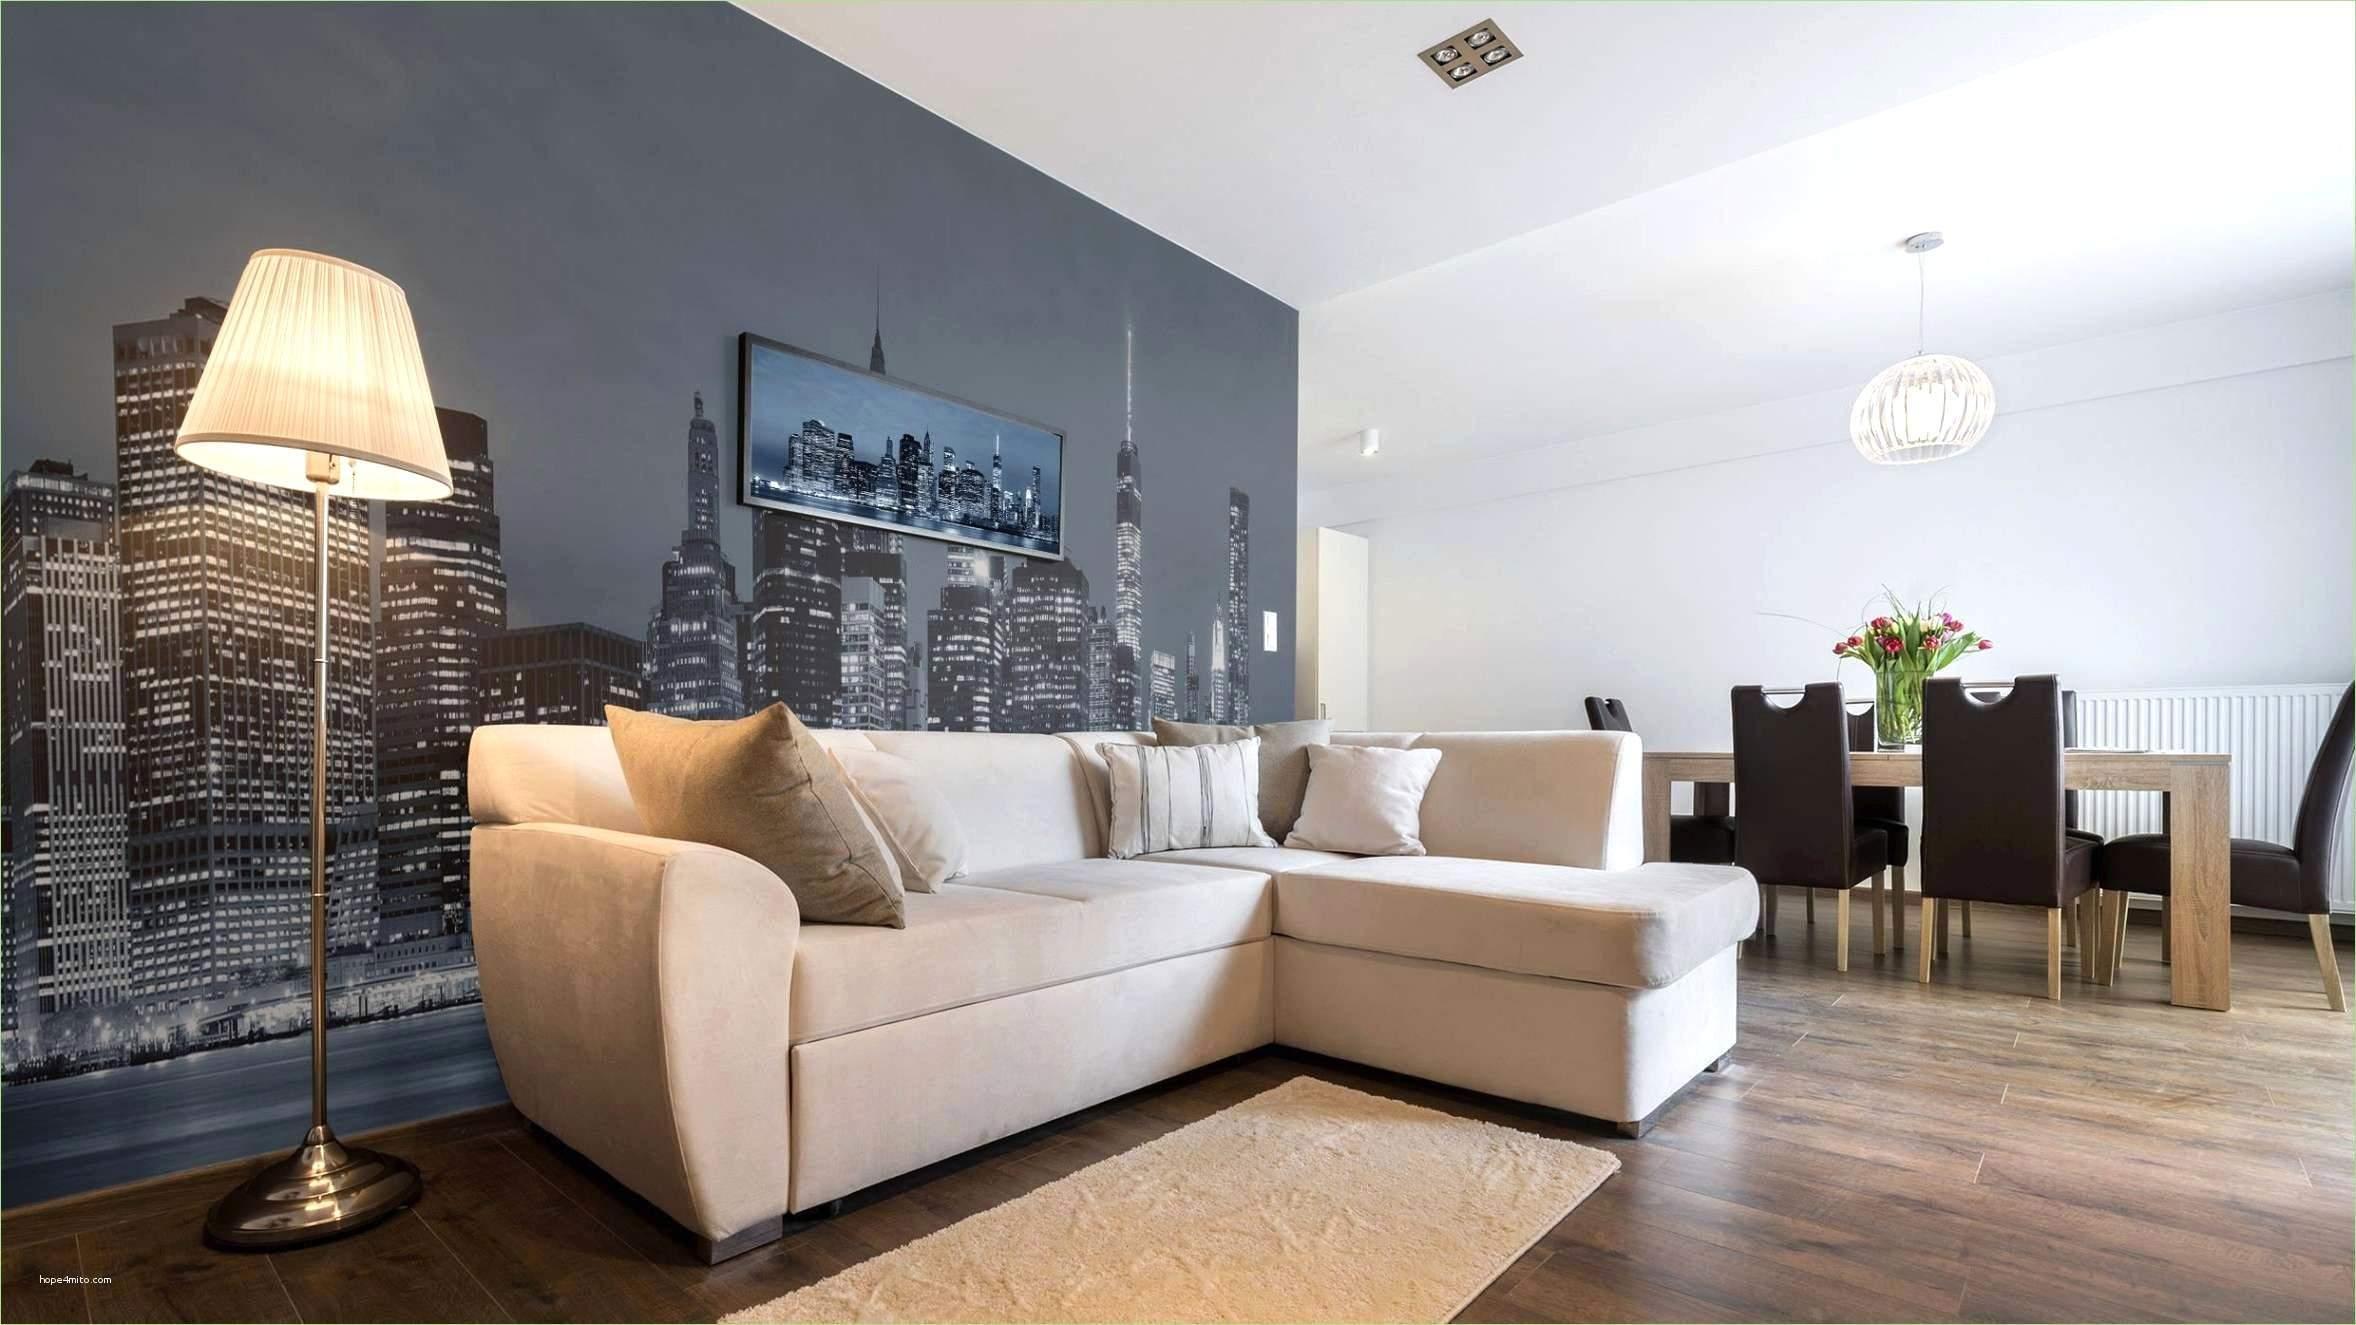 Baumstamm Deko Garten Luxus 32 Inspirierend Wohnzimmer Deko Wand Das Beste Von